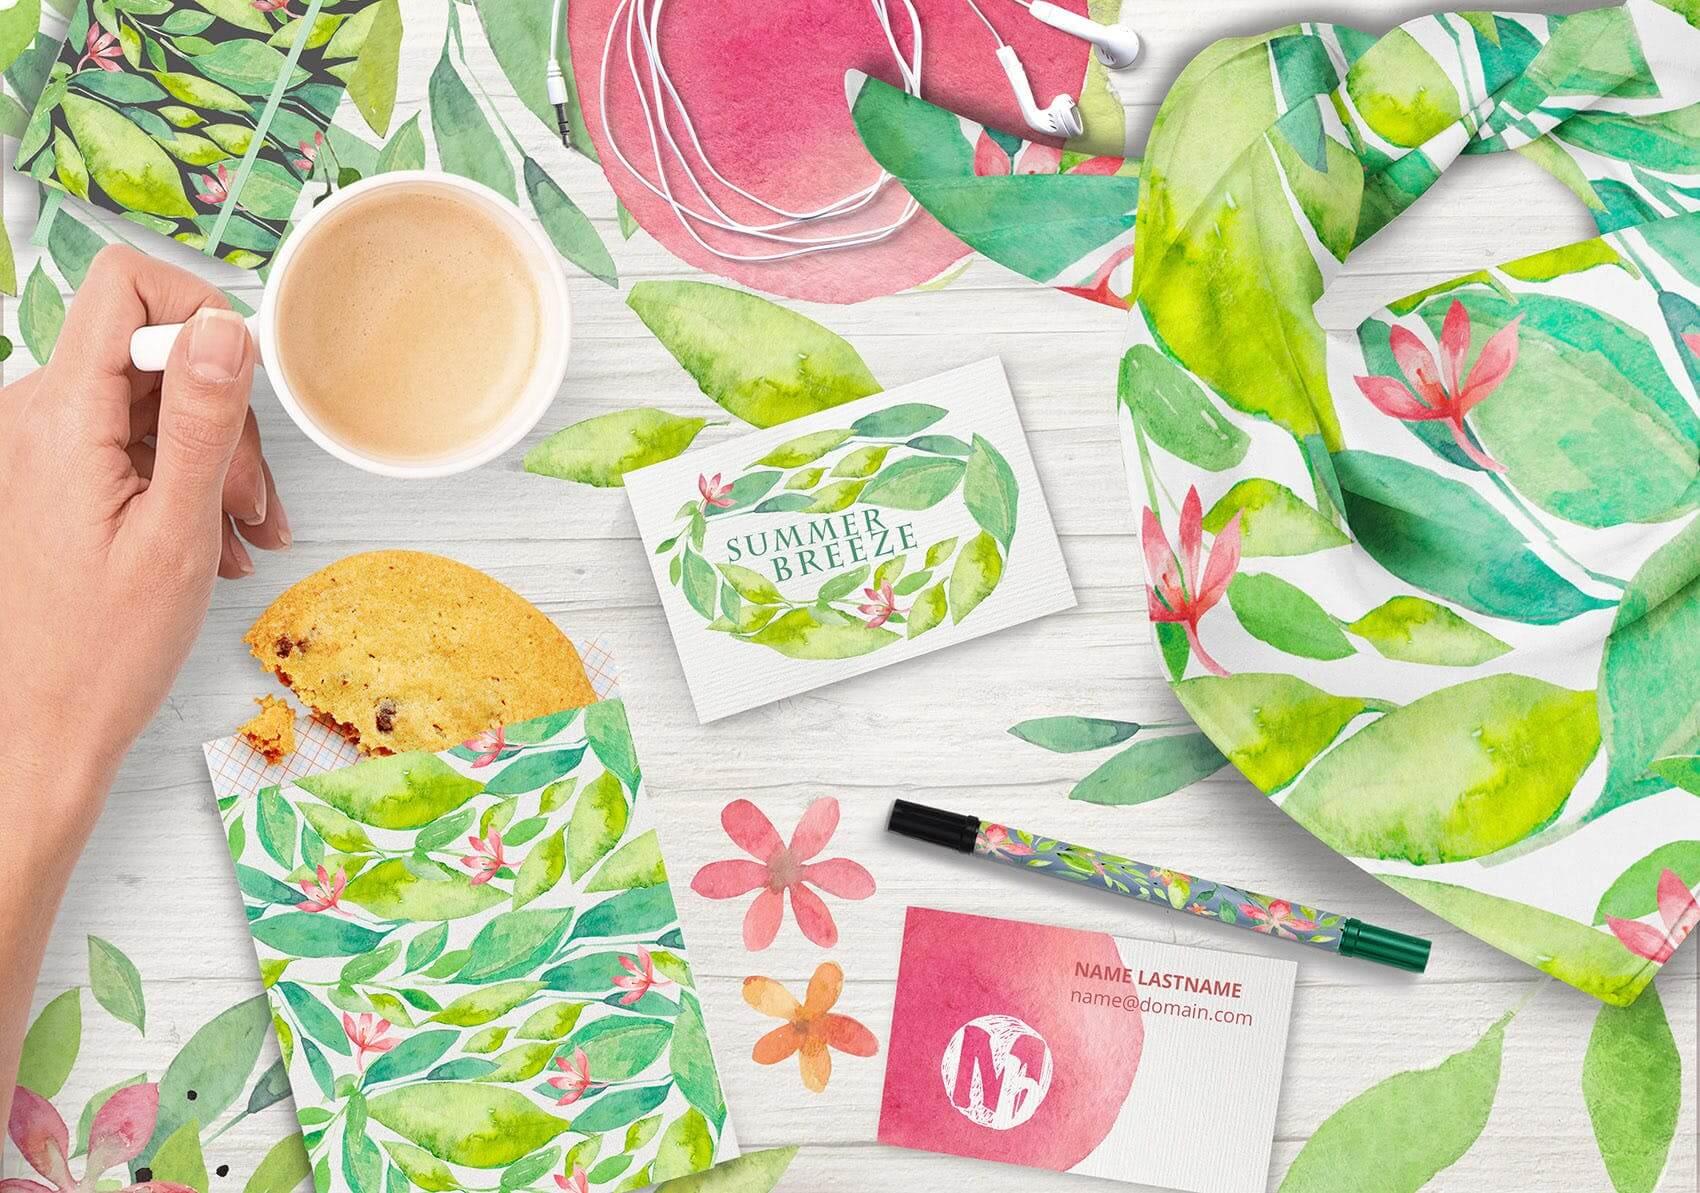 夏季素材鲜花素材装饰排列合集THE SUMMER BREEZE插图(2)